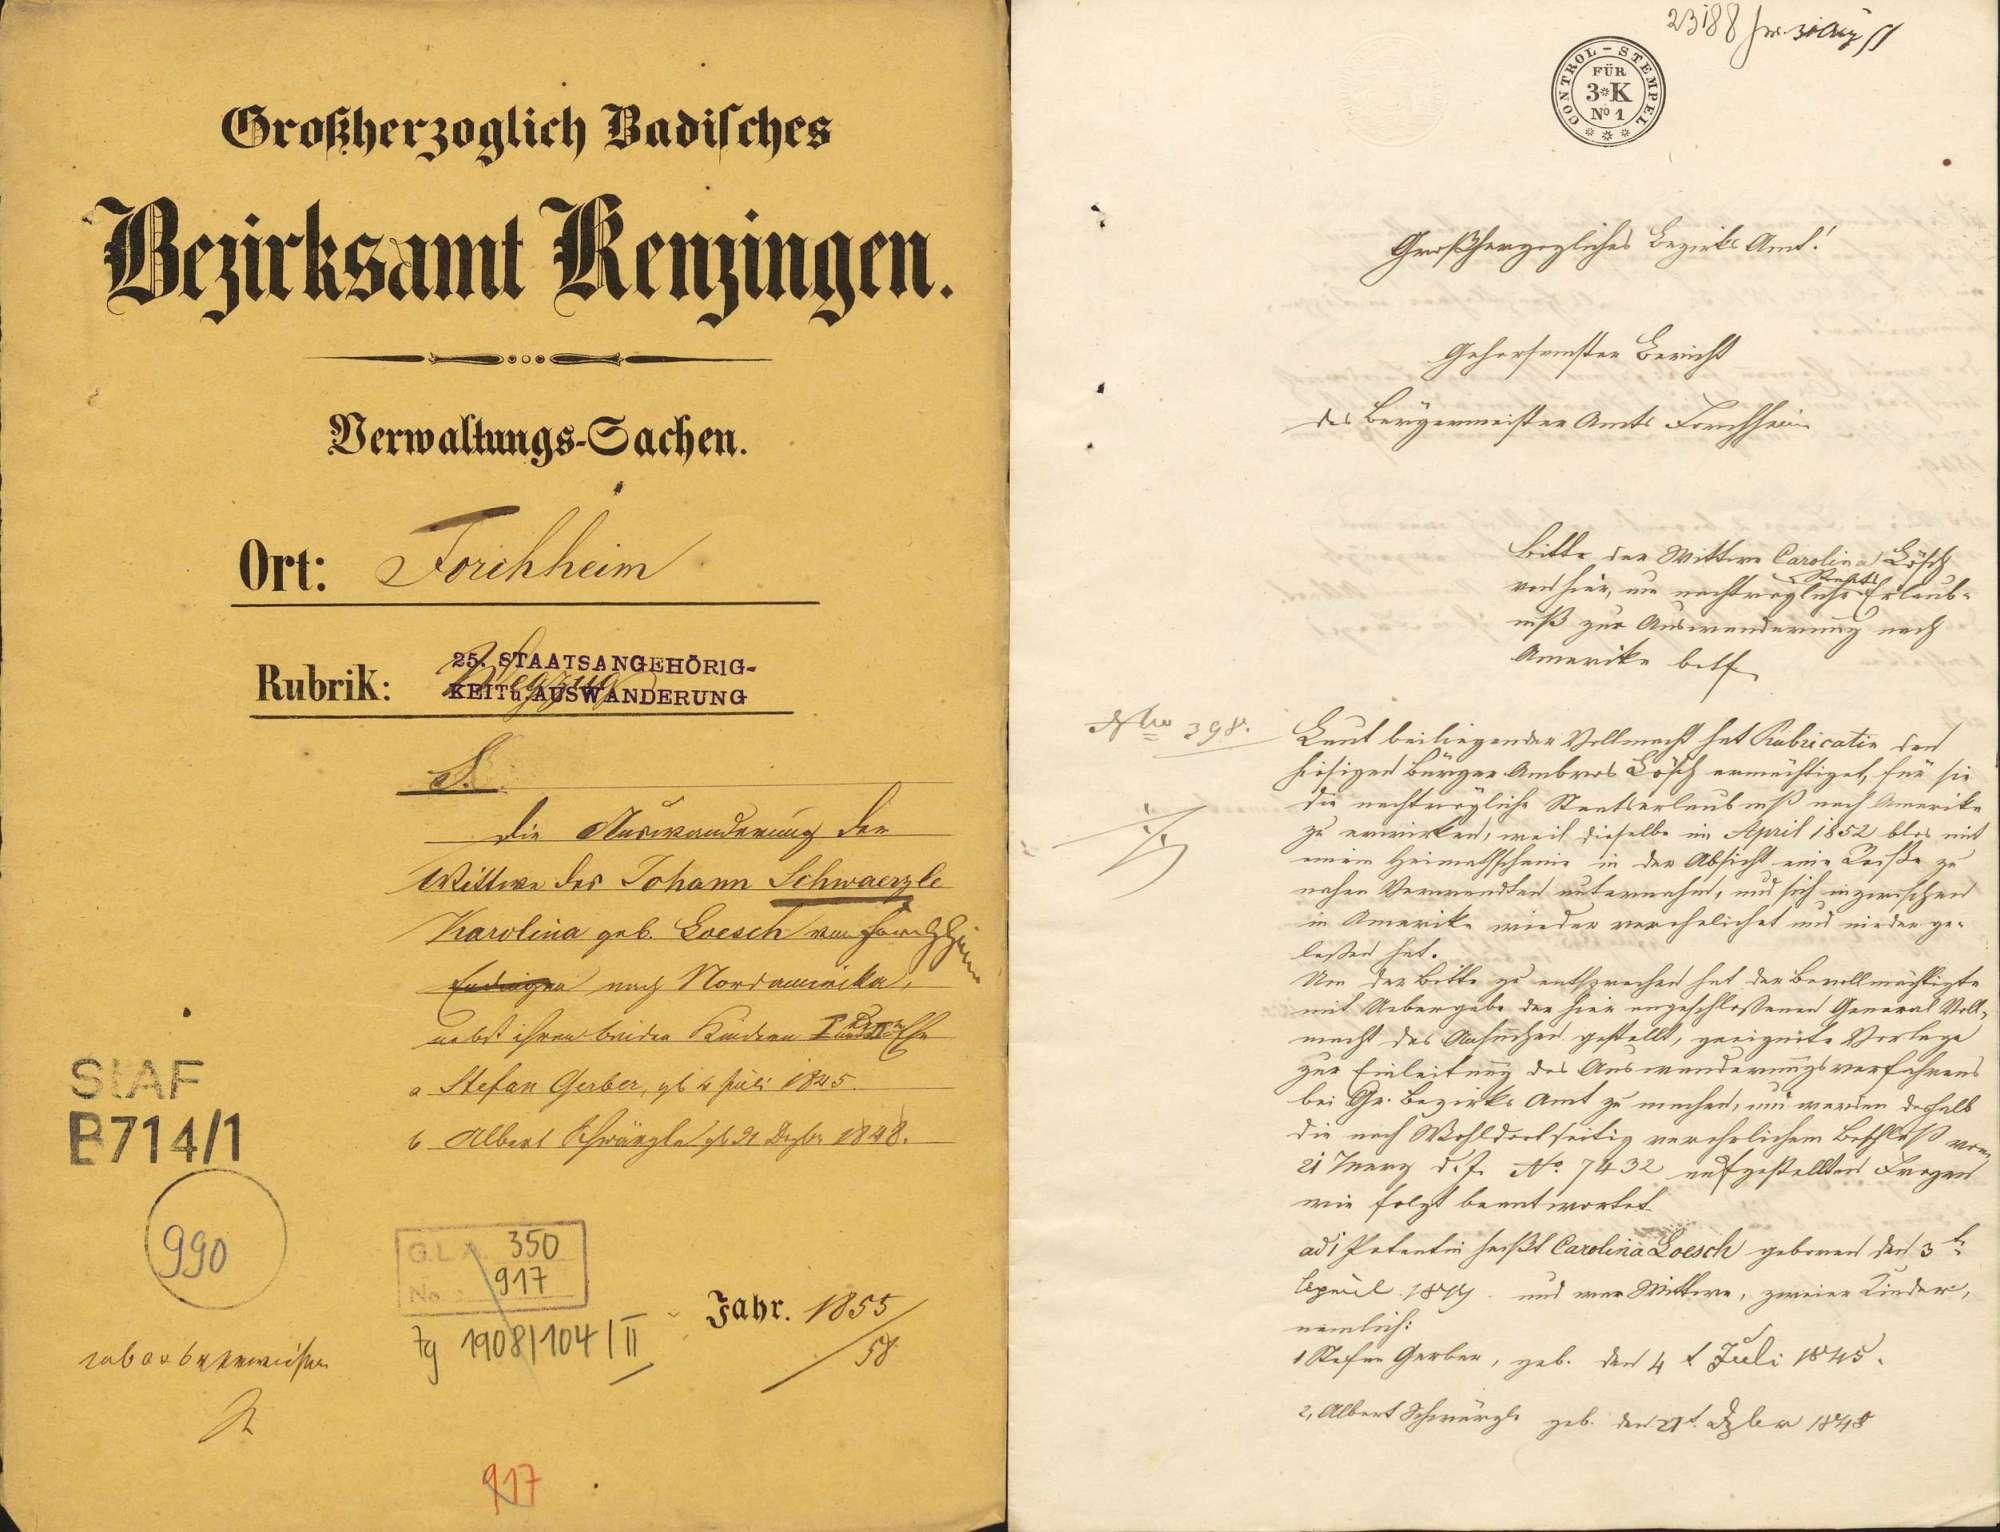 Auswanderung: Karolina Schwärzle, Forchheim, nach Nordamerika Stefan Gerber, Forchheim Albert Schwärzle, Forchheim, Bild 1